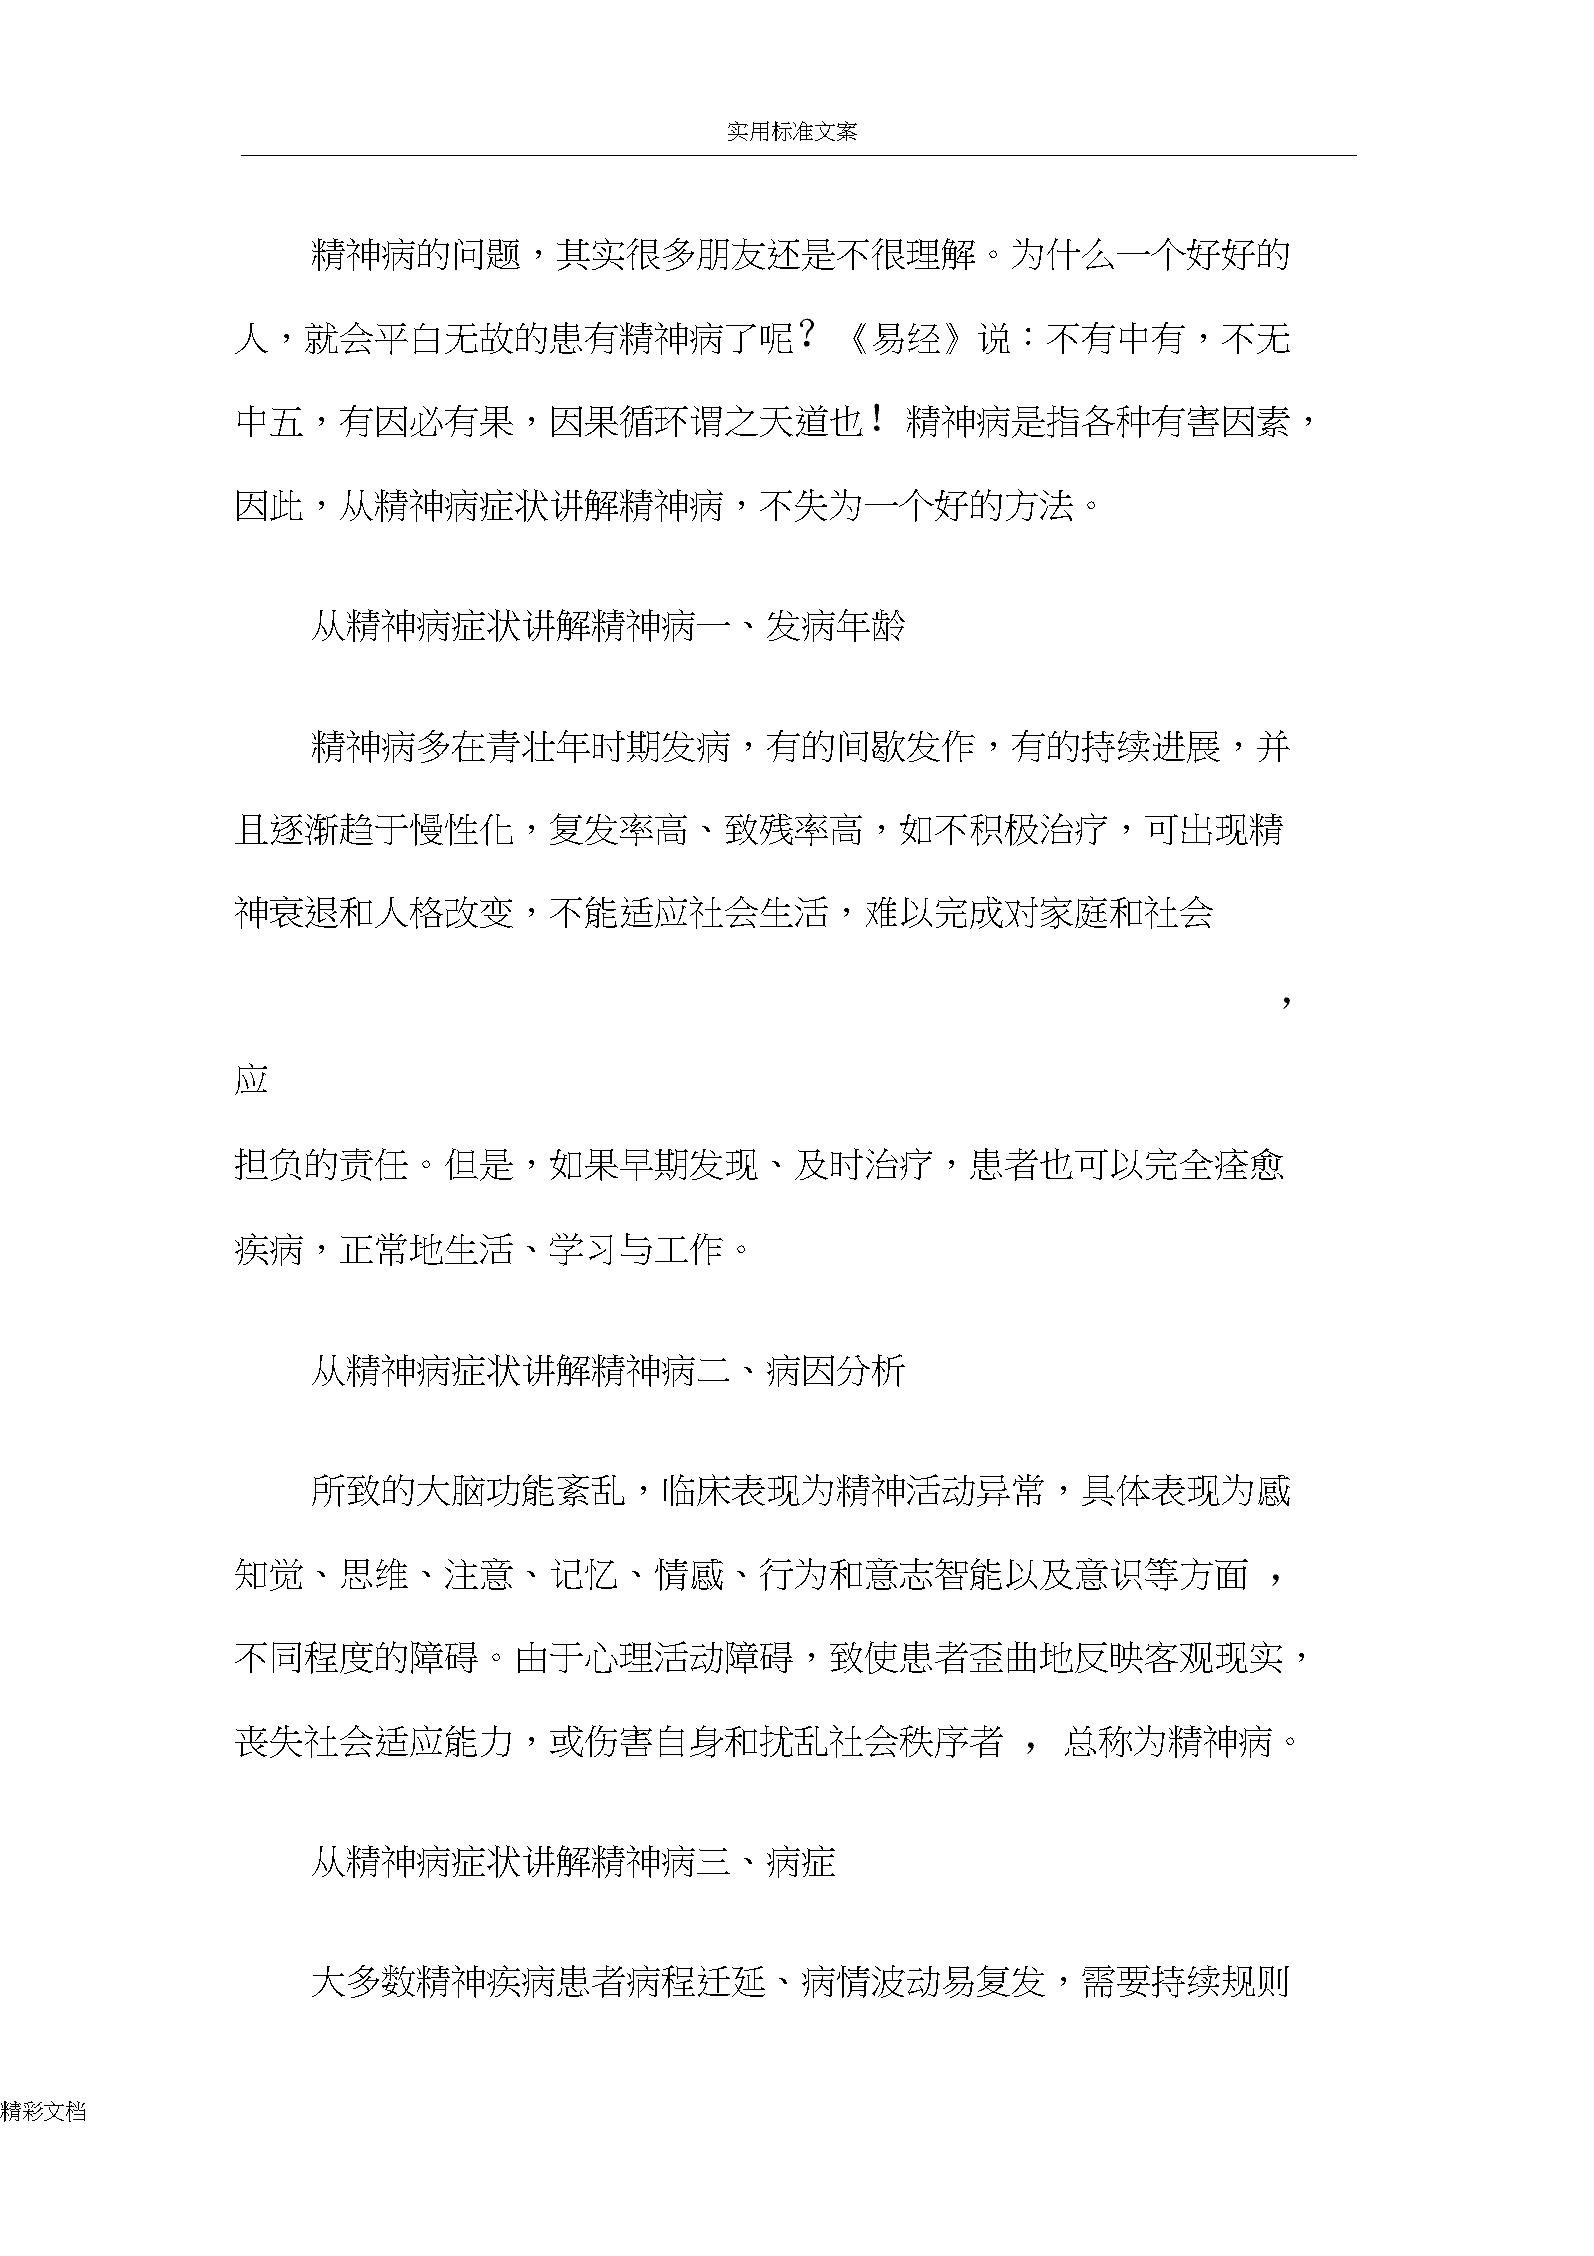 沈阳精神病权威医院的.docx